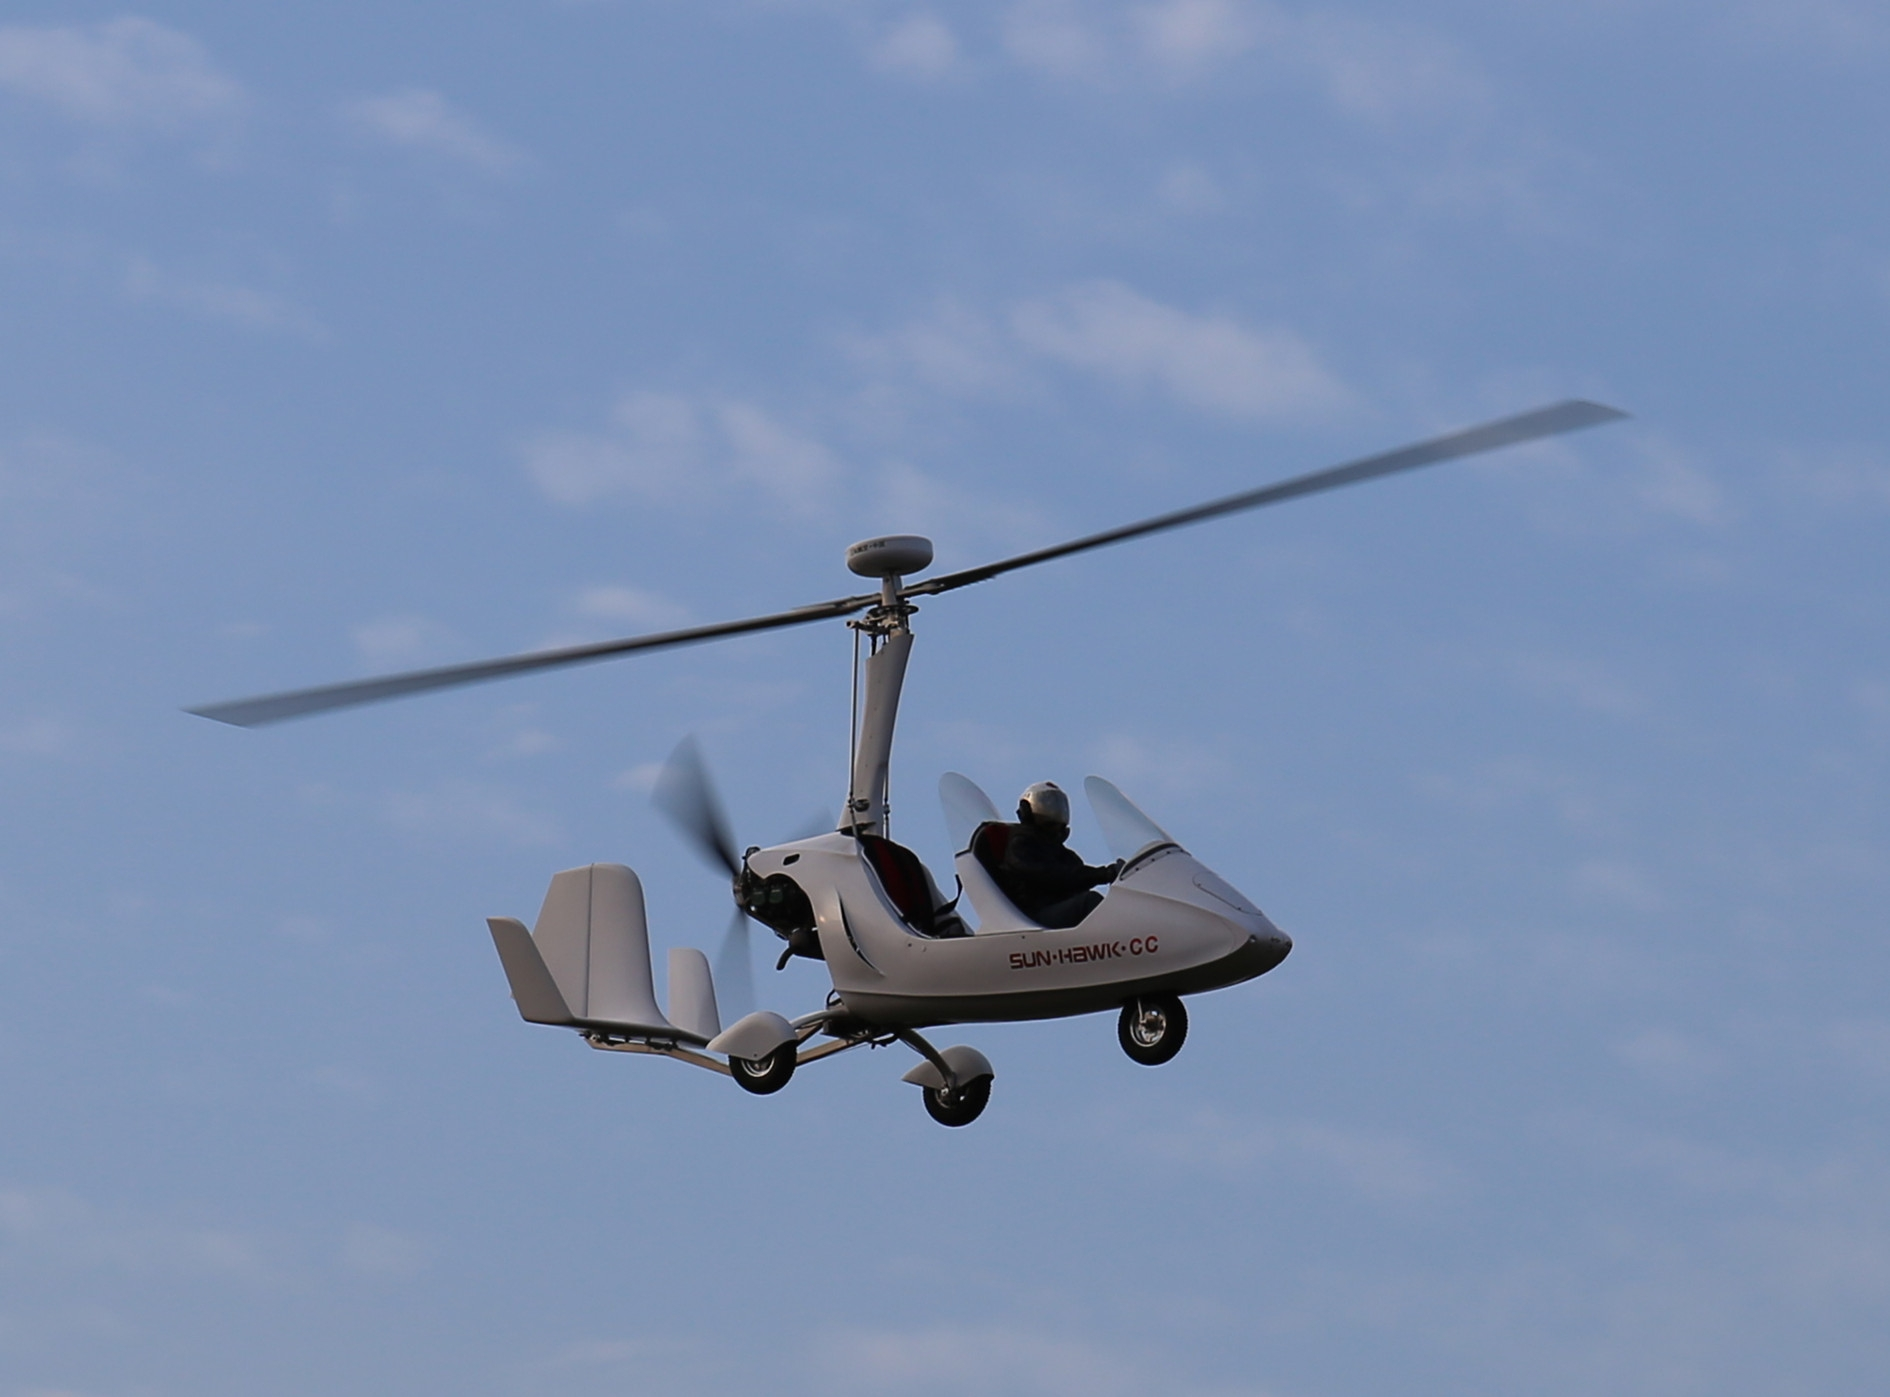 但飞行原理更接近于固定翼飞机